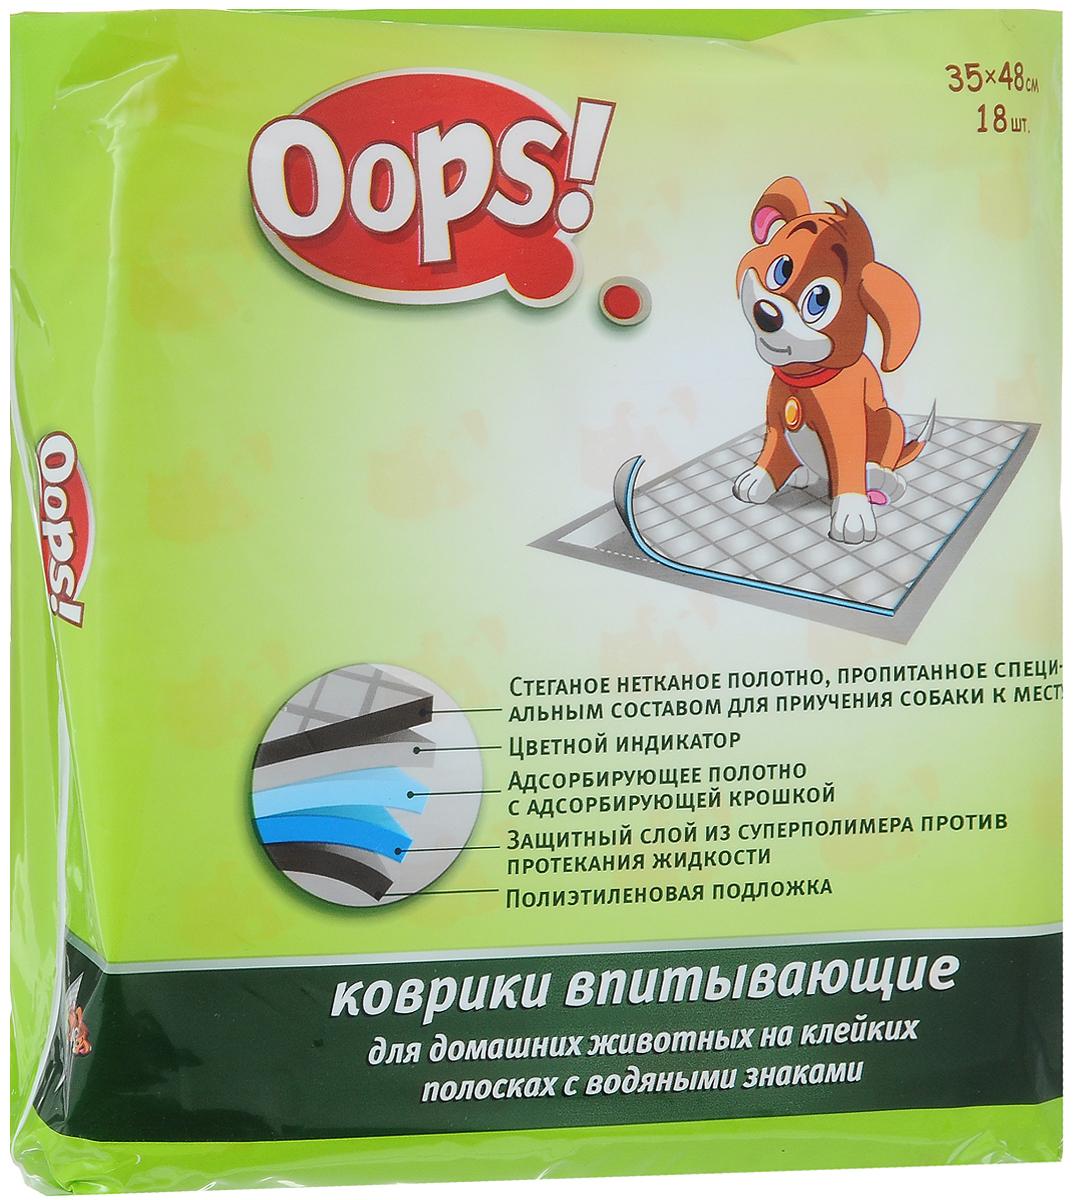 Коврики для домашних животных OOPS!, впитывающие, на клейких полосках, 35 х 48 см, 18 шт o 14001 00 oops